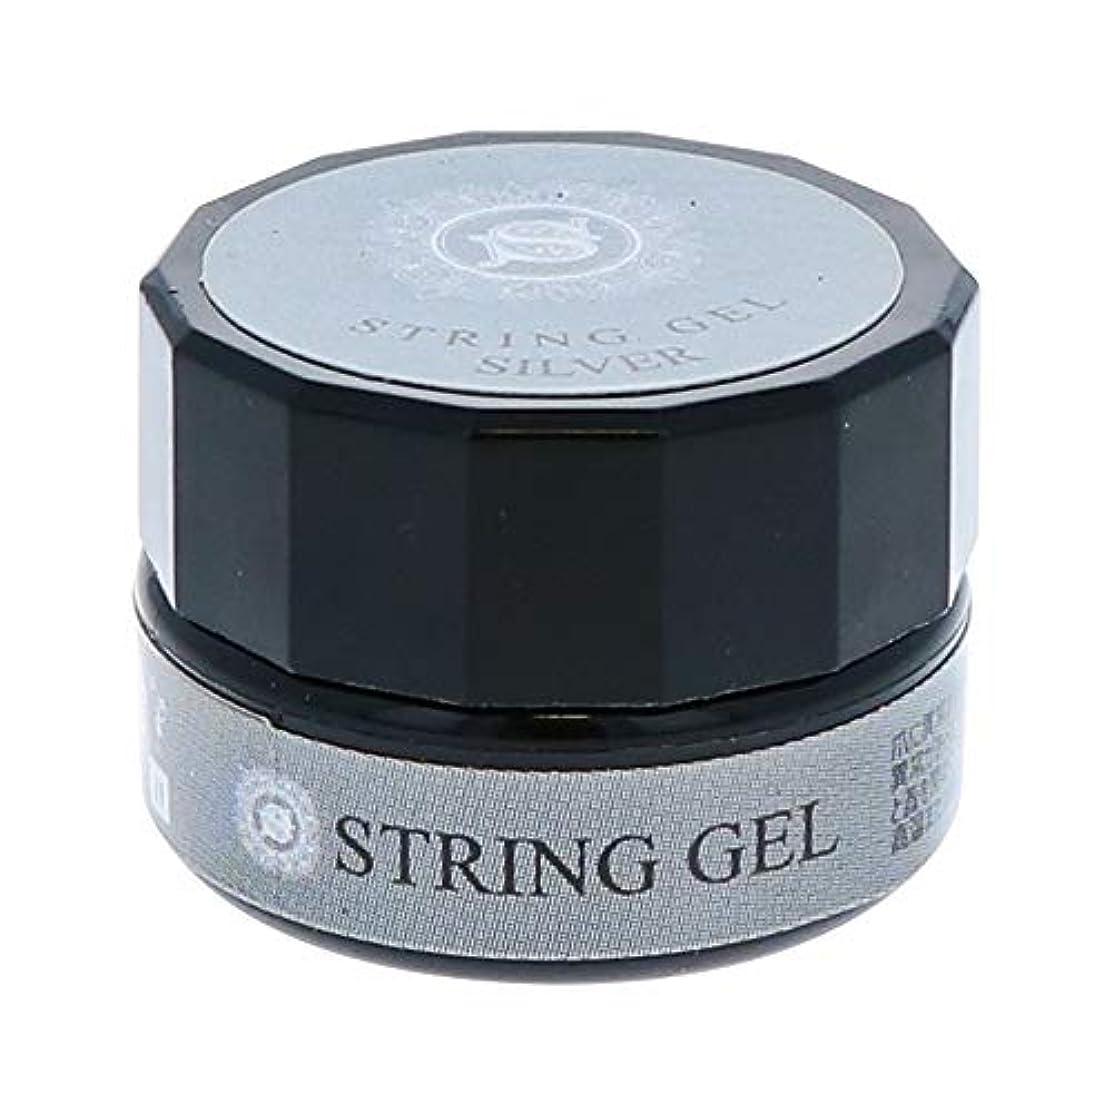 広げる協同ヘッドレスビューティーネイラー simply string gel (silver) 2.5g QSG-2 ジェルネイル